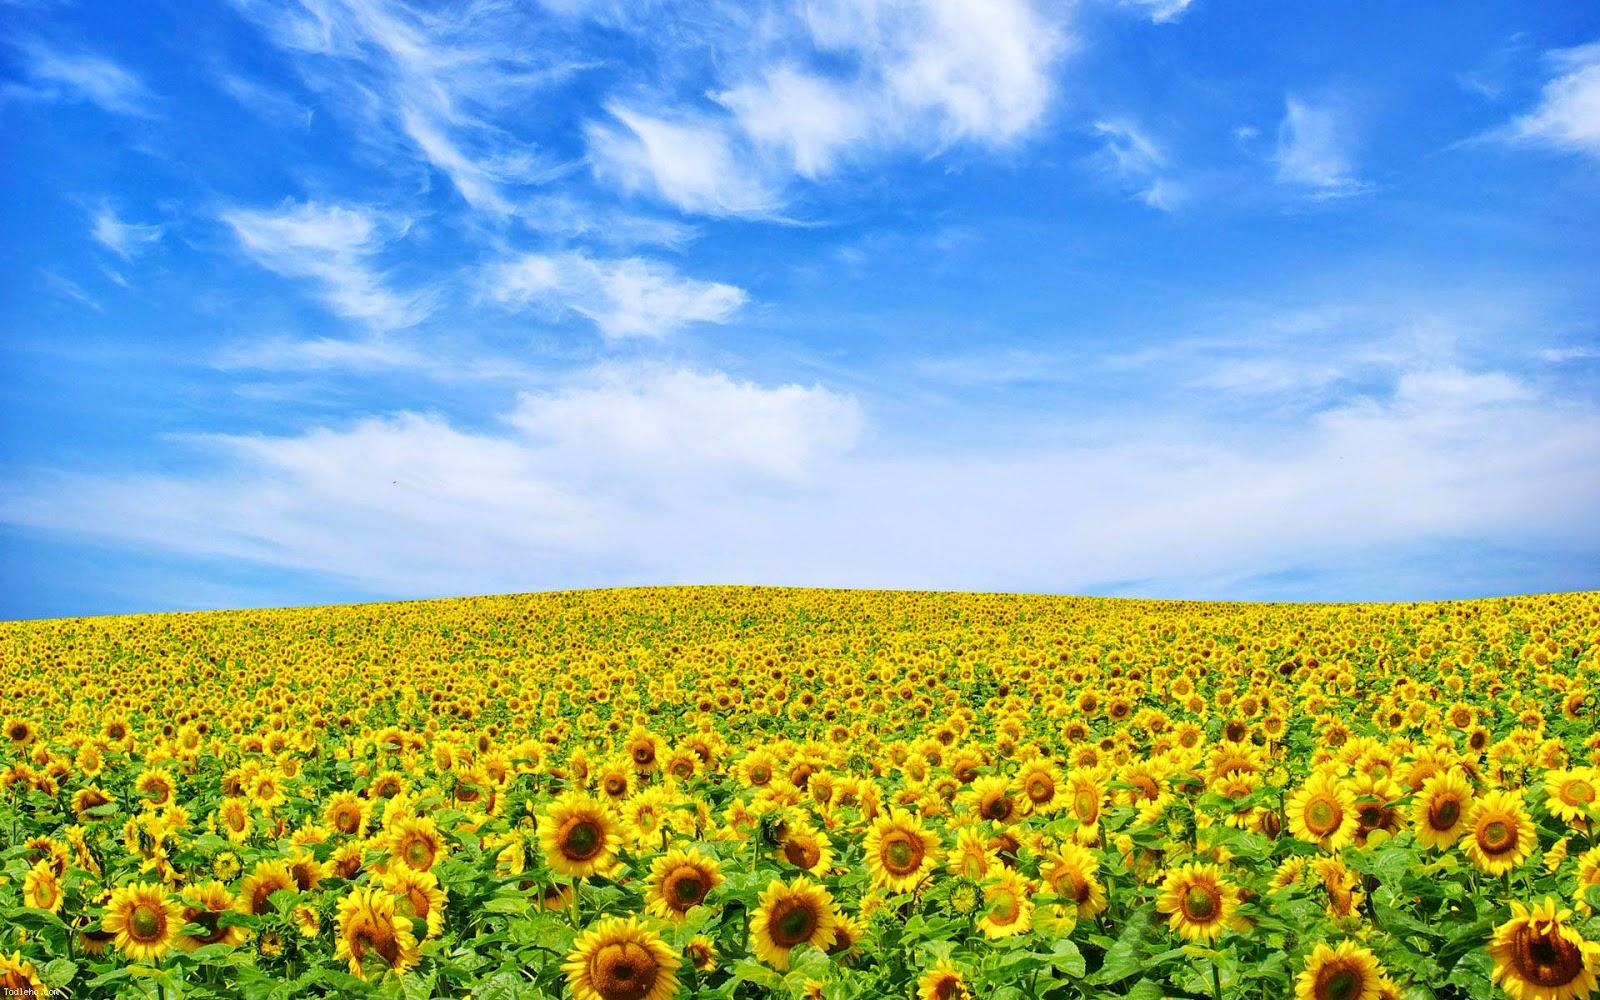 Download Wallpaper   Flower Landscape 118977   HD Wallpaper 1600x1000